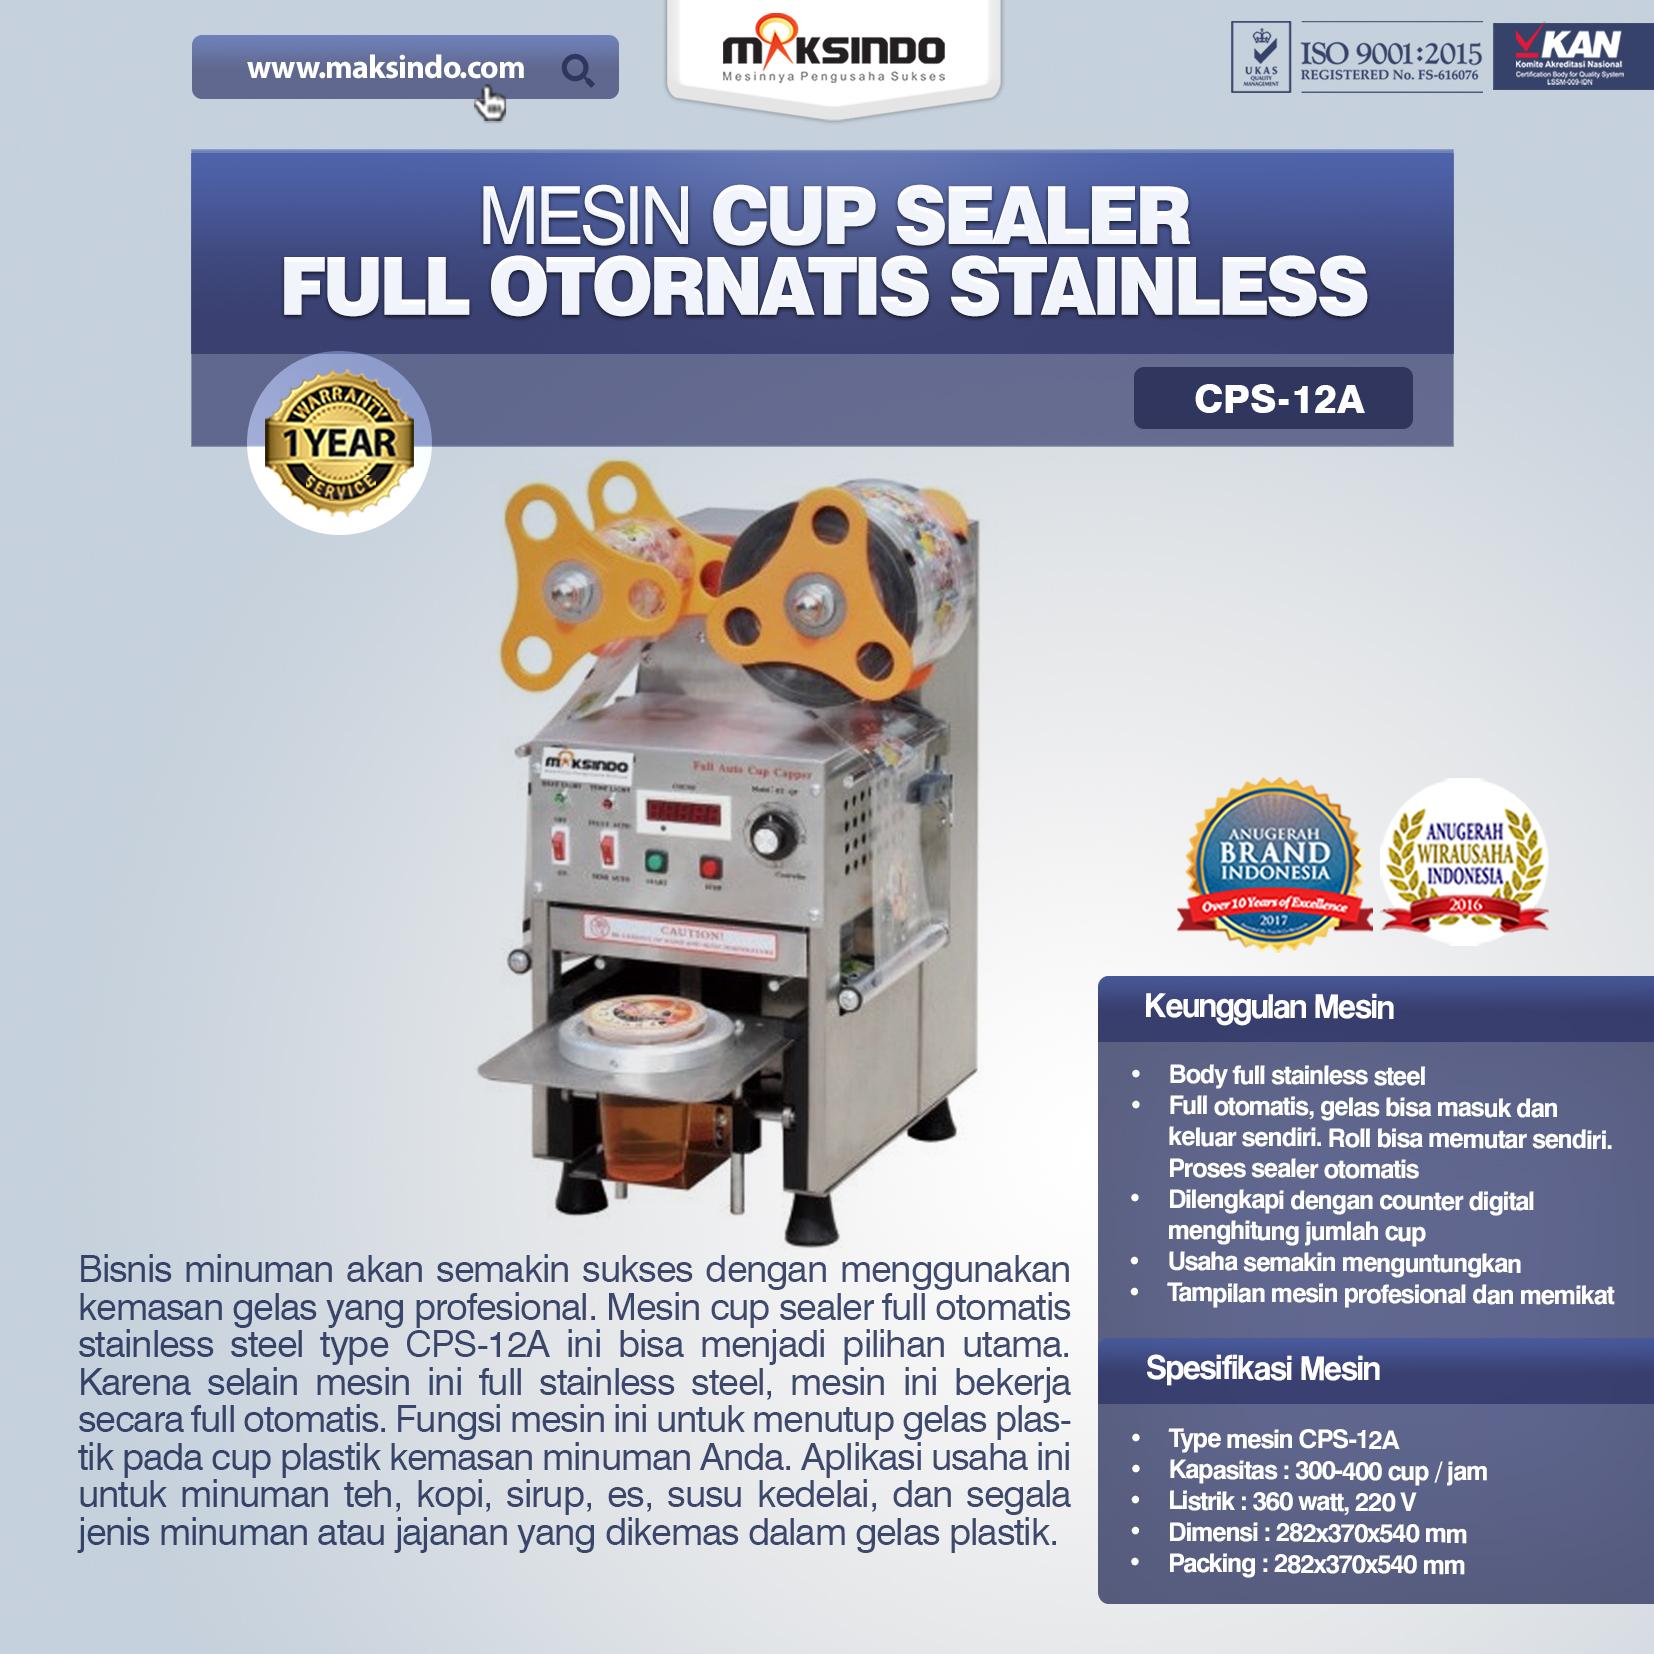 Jual Mesin Cup Sealer Full Otomatis Stainless (CPS-12A) di Banjarmasin